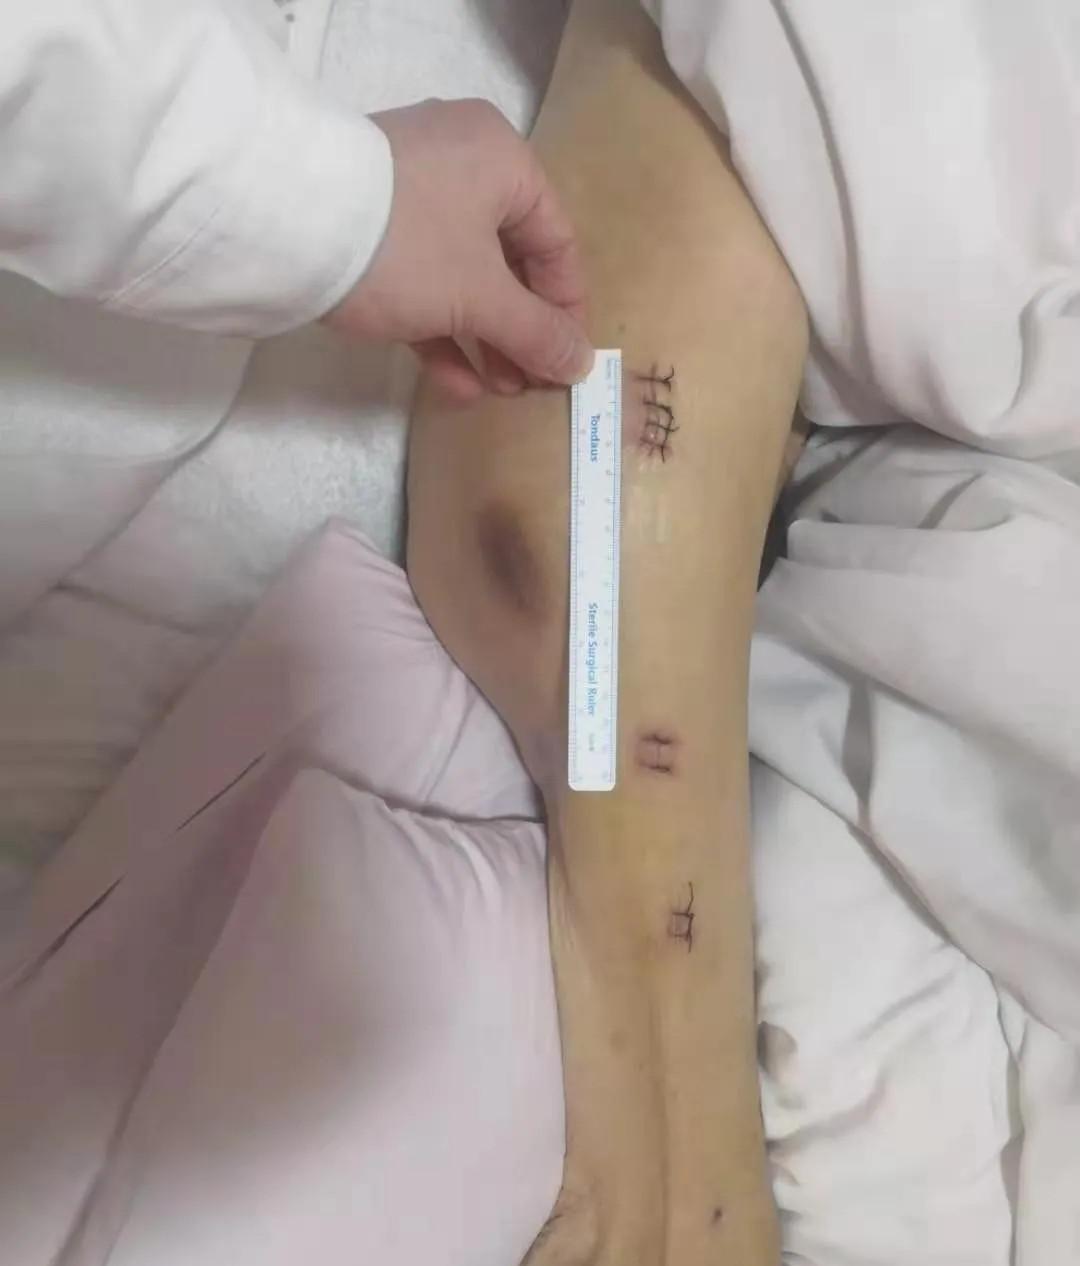 西安高新医院:帮老人战胜「死亡骨折」,再难也要试一试